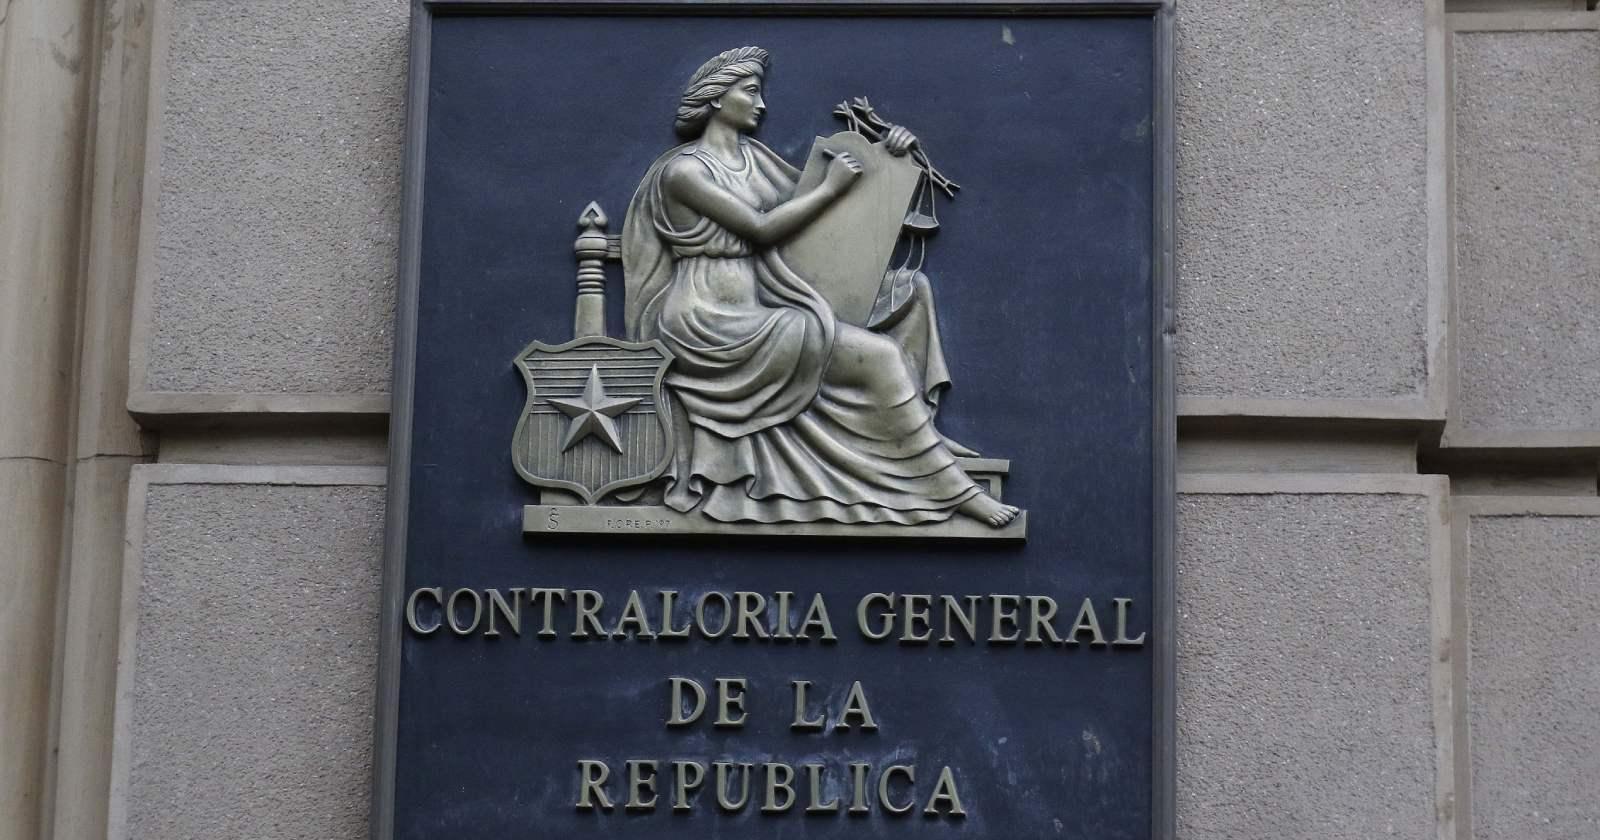 Encuesta de Contraloría: 70% cree que en Chile hay más corrupción, respecto al año pasado